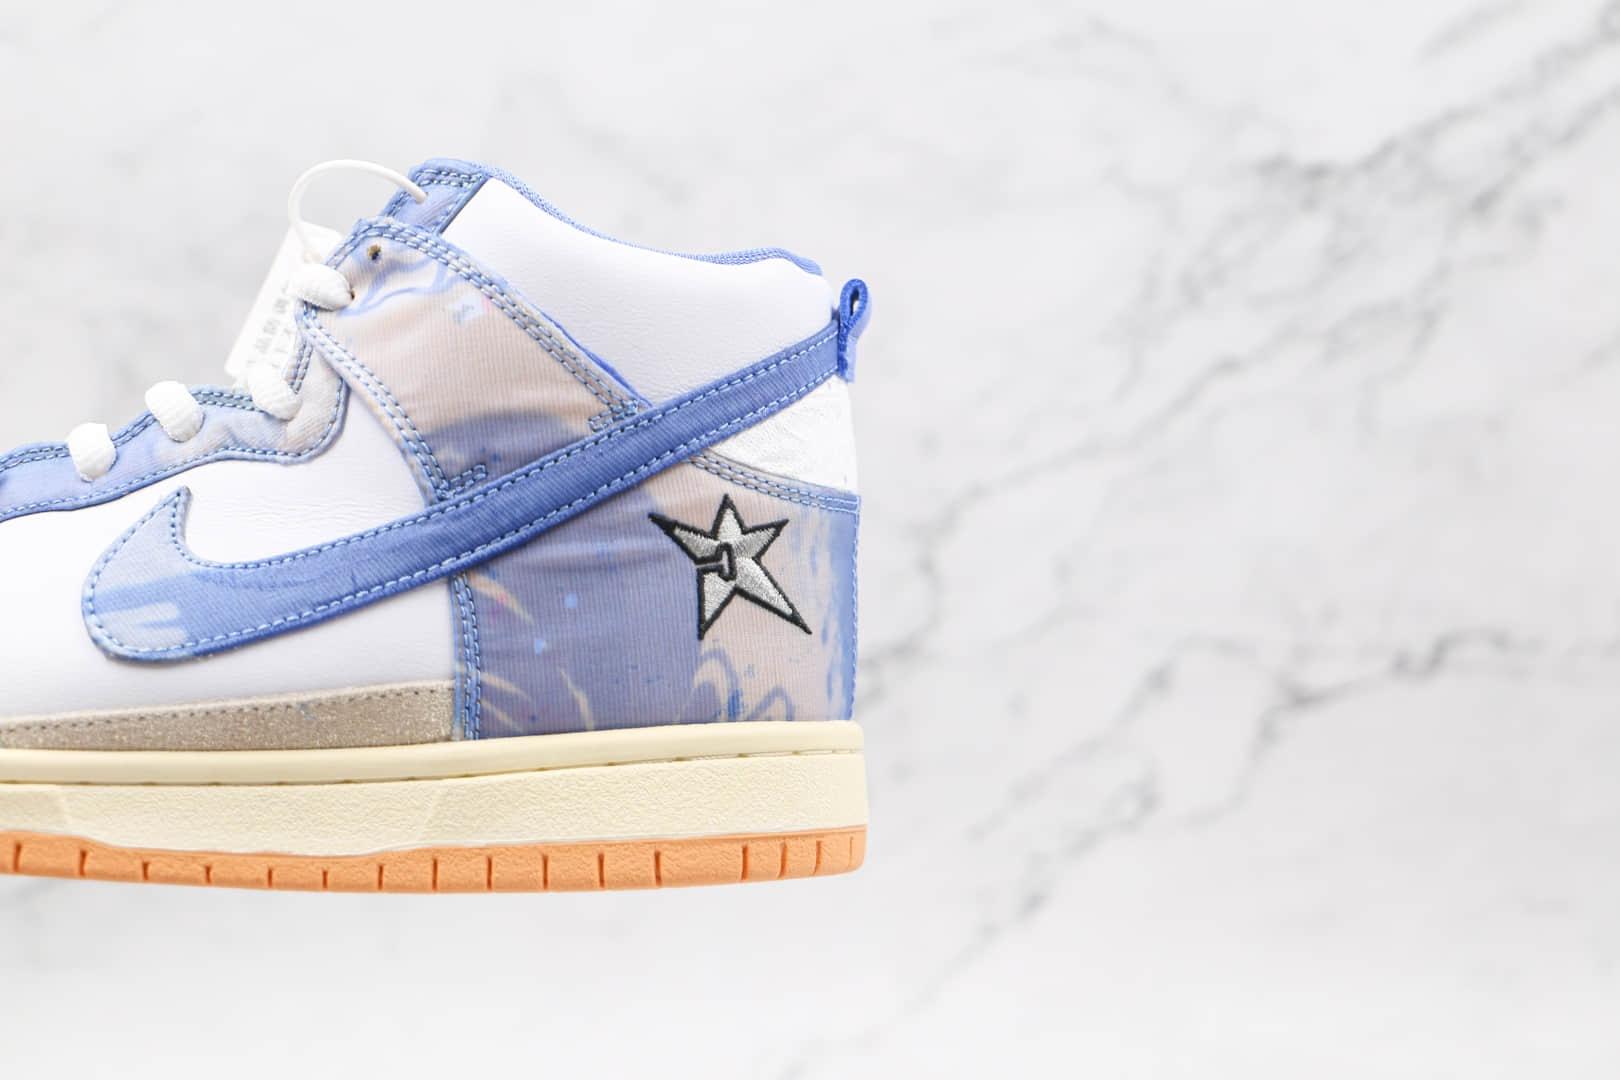 耐克Nike SB Dunk High x Carpet Company联名款纯原版本高帮SB DUNK白蓝地毯刮刮乐板鞋原楦头纸板打造 货号:CV1677-100